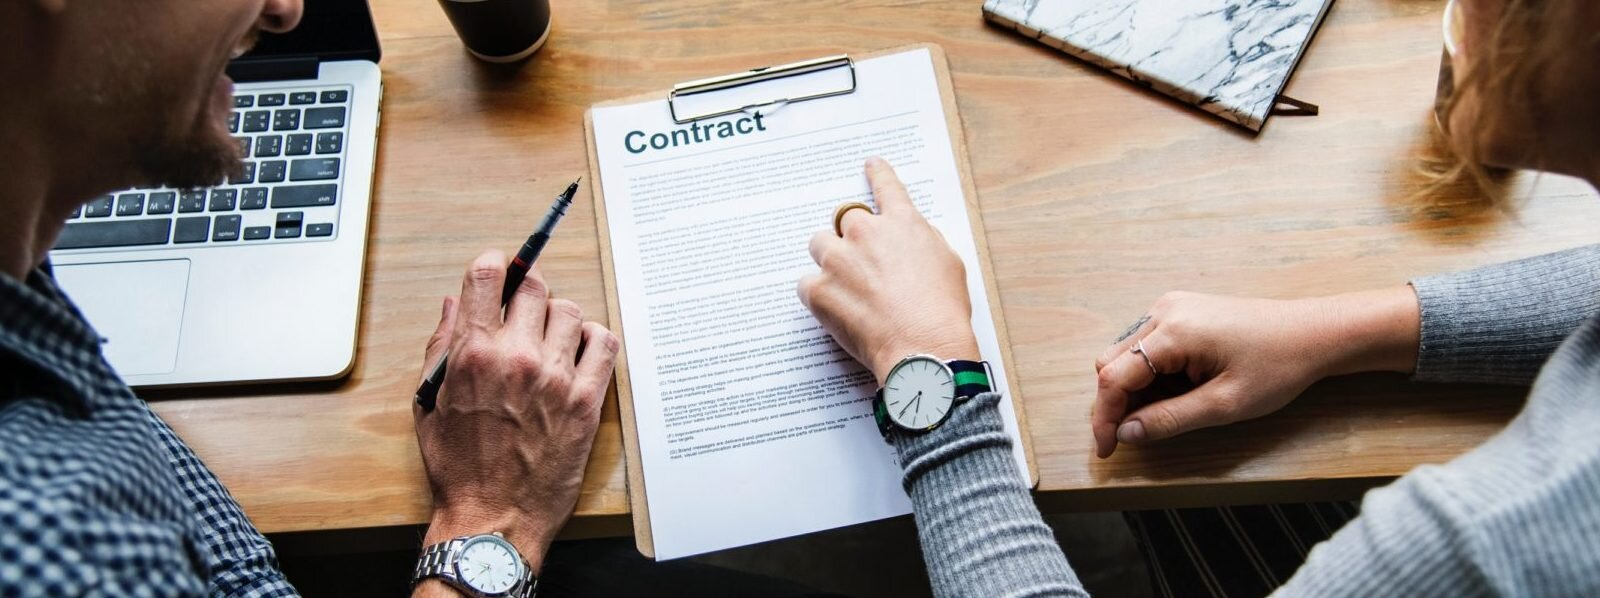 adult-agreement-business-1089549-e1530300464757-1600x598.jpg